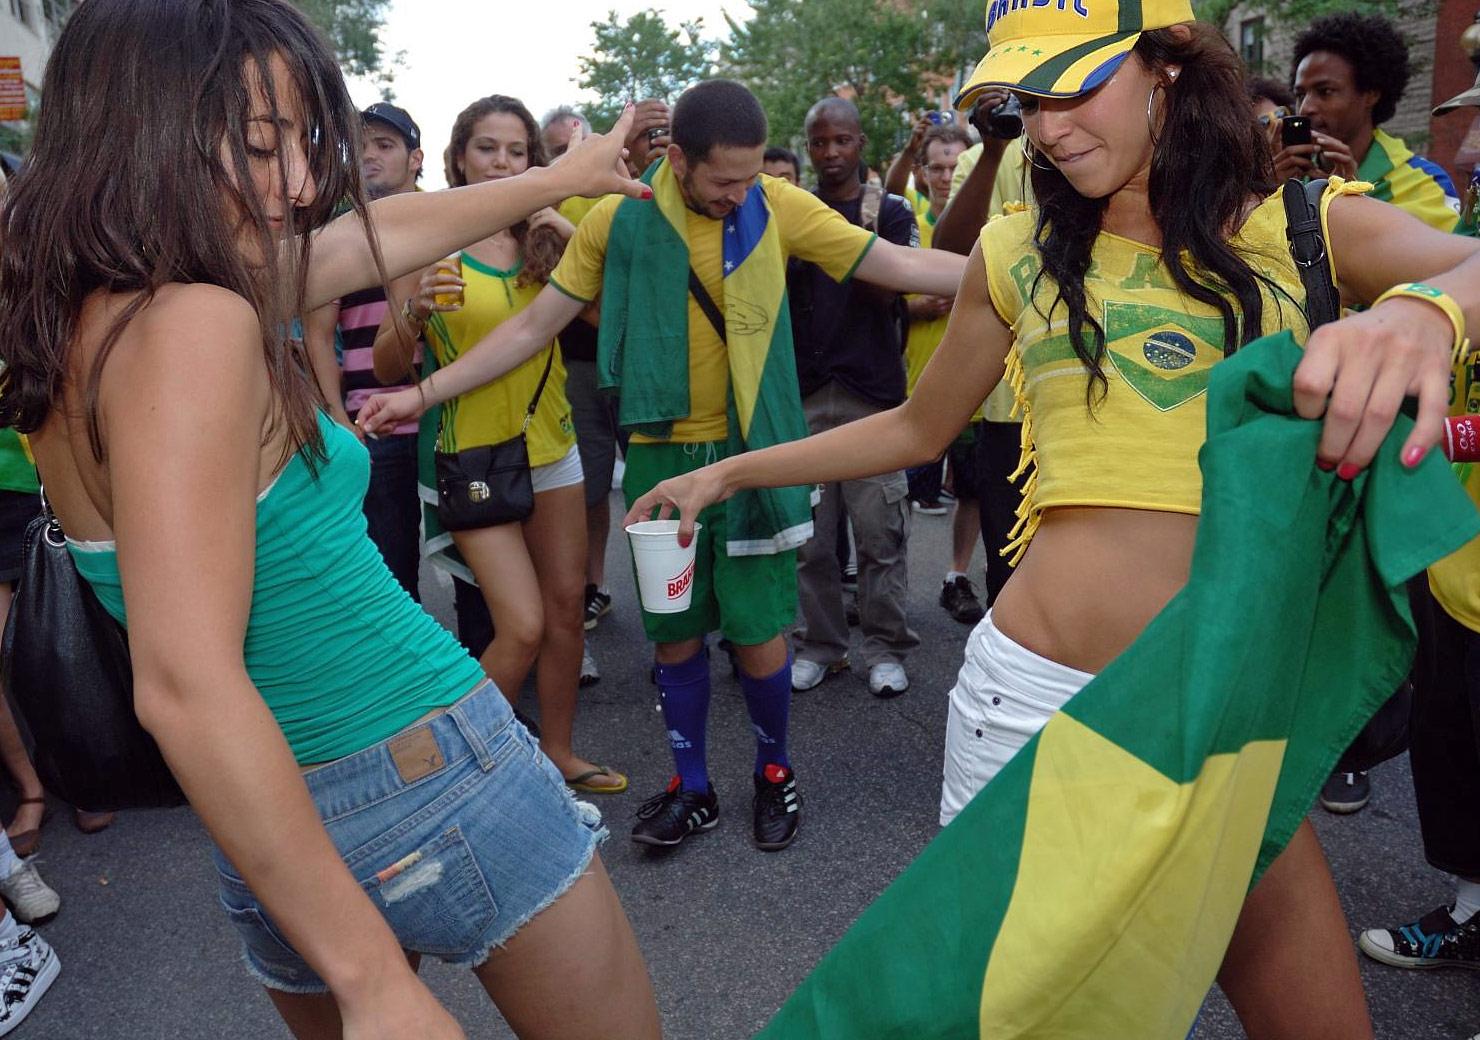 ブラジル美女 - ワールドカップ - サッカーサポーター 20